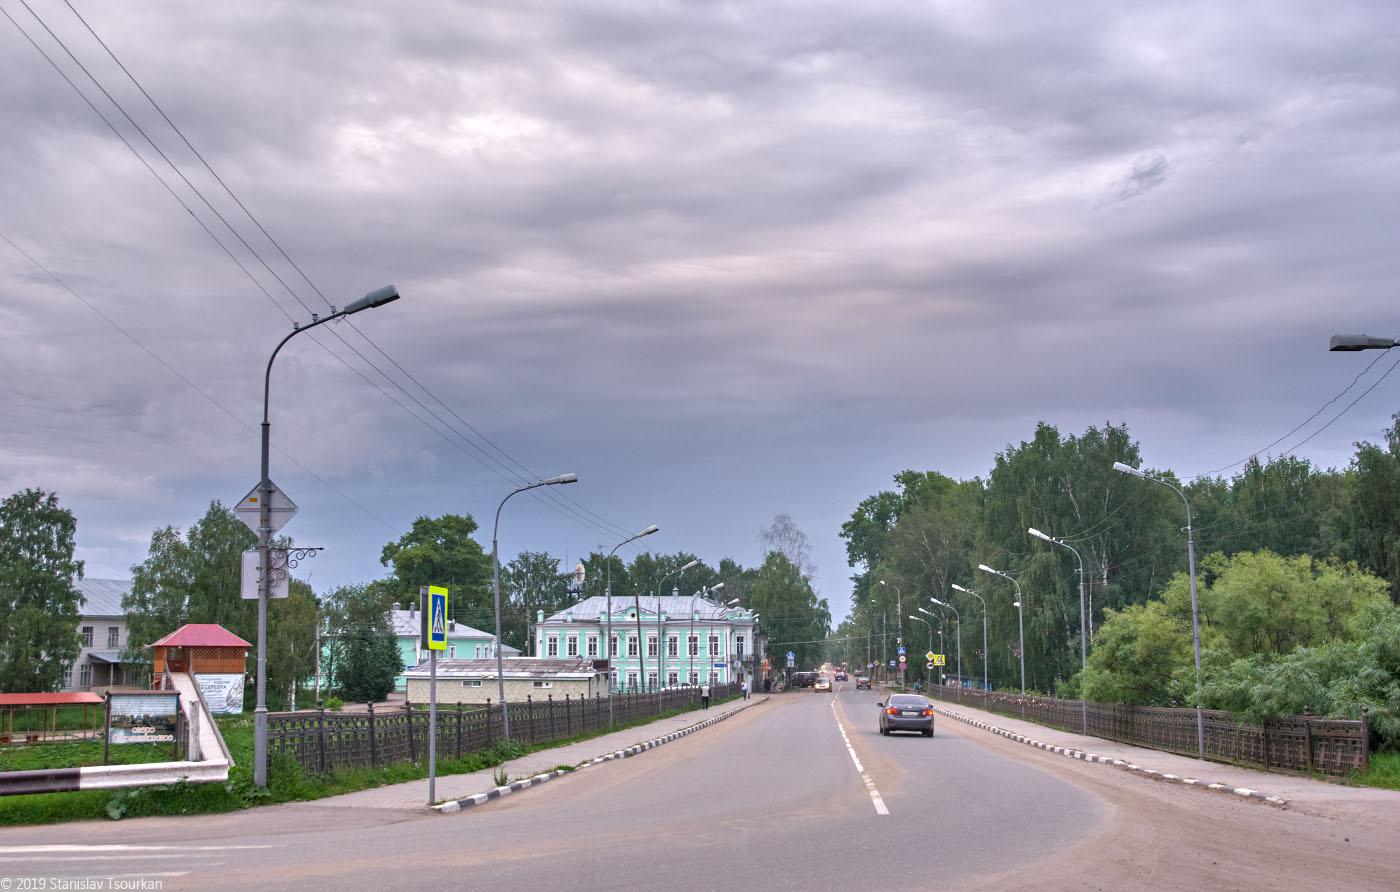 Вологодская область, Вологодчина, Великий устюг, Русский север, Советский проспект, Земляной мост